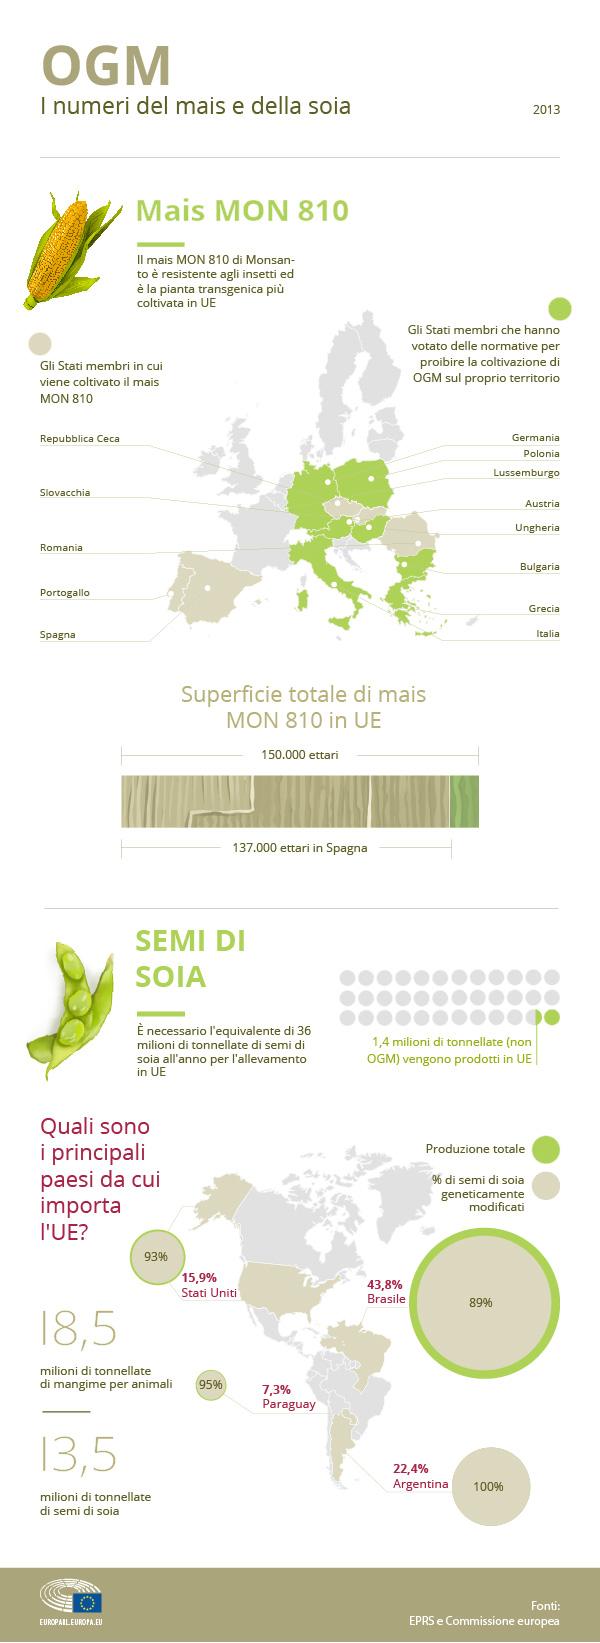 ogm parlamento europeo infografica